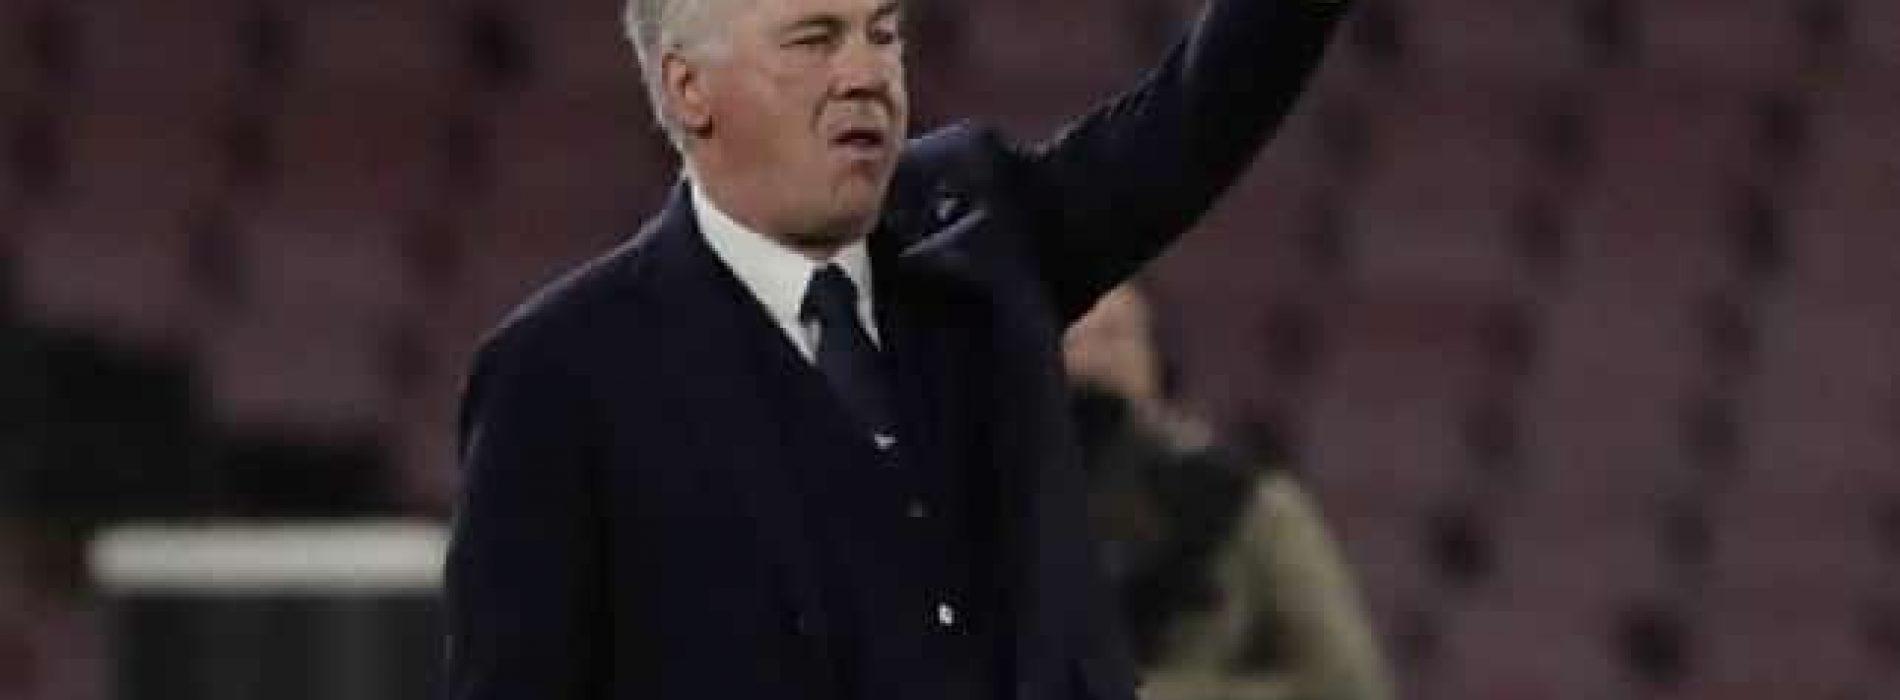 Ancelotti lascerà il Napoli il prossimo anno? Lo aspetta l'Inter Miami